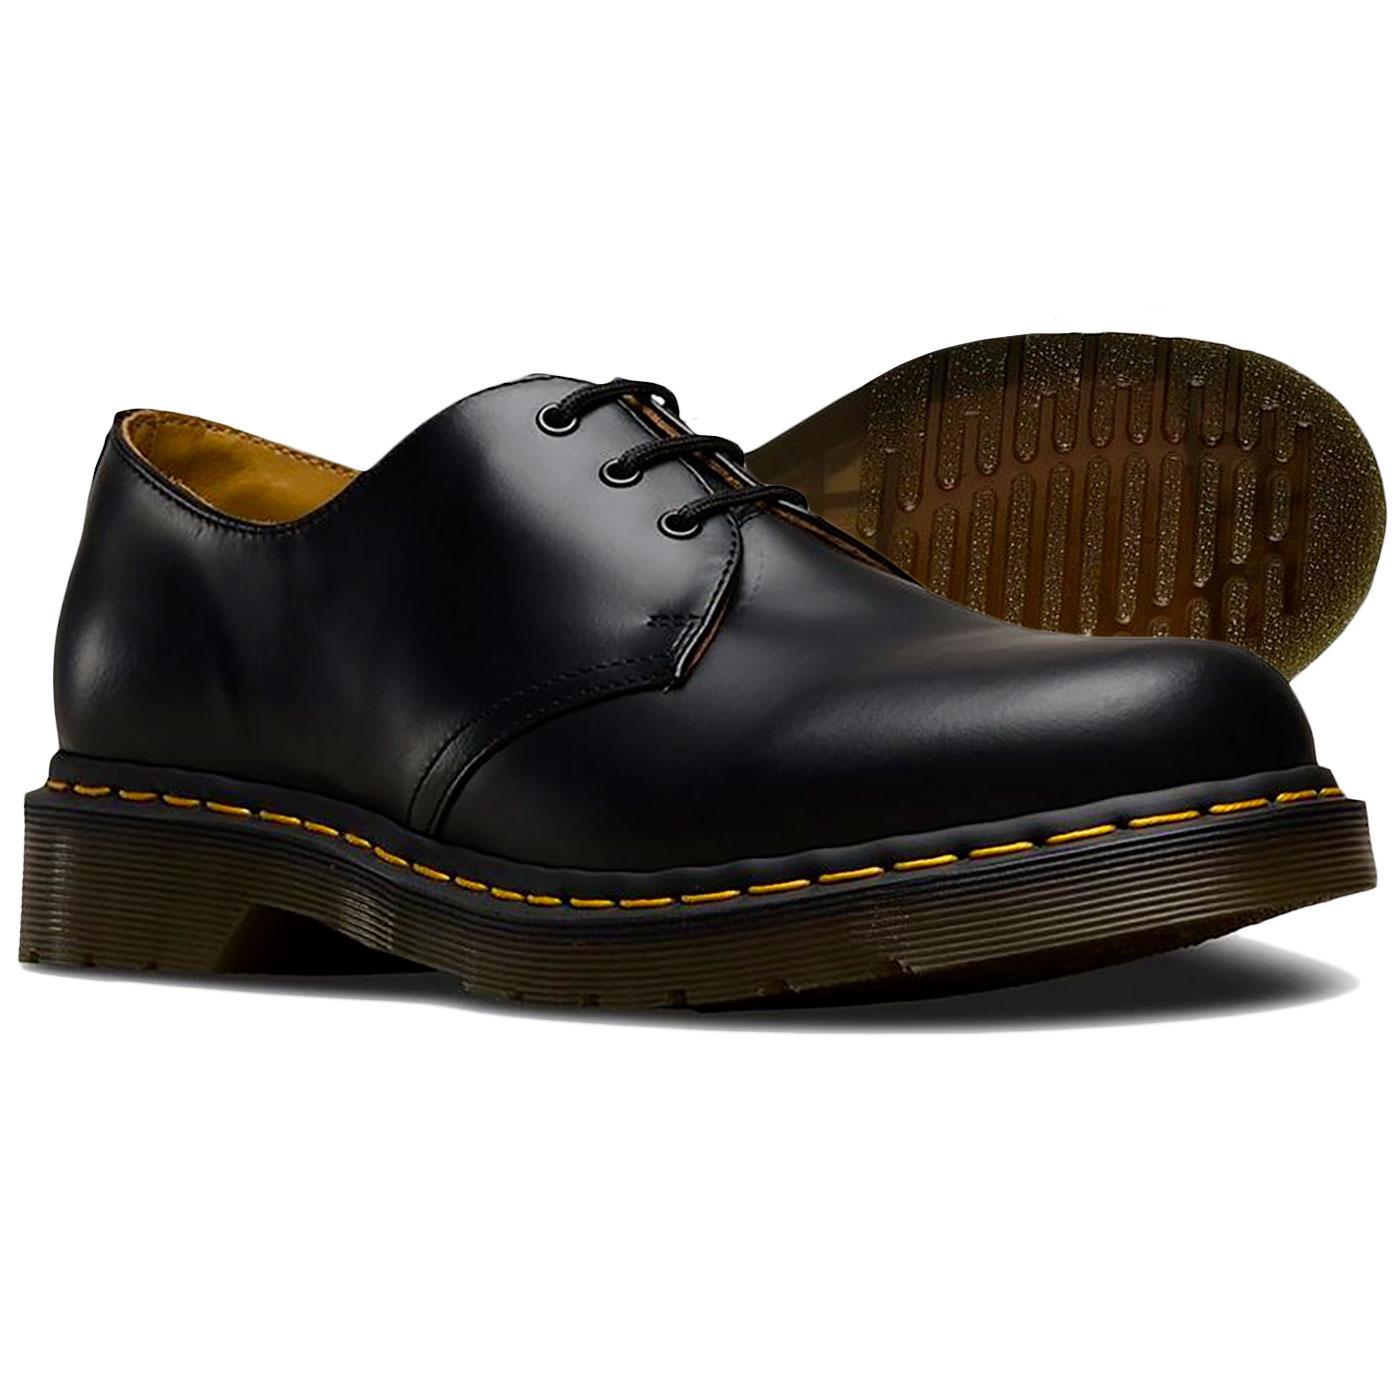 Dr Martens 1461 Retro 60's Black